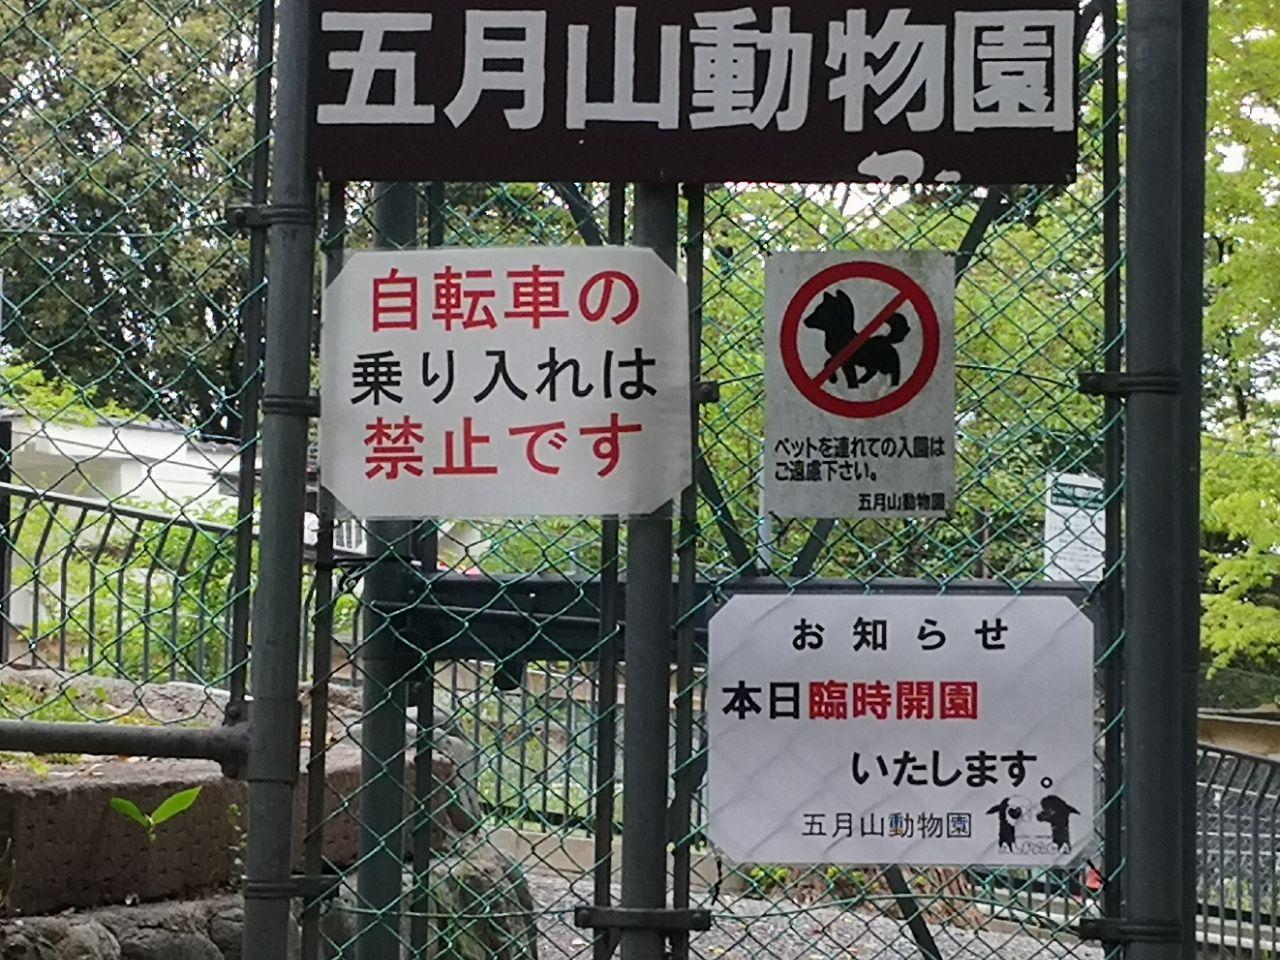 月 山 動物園 五